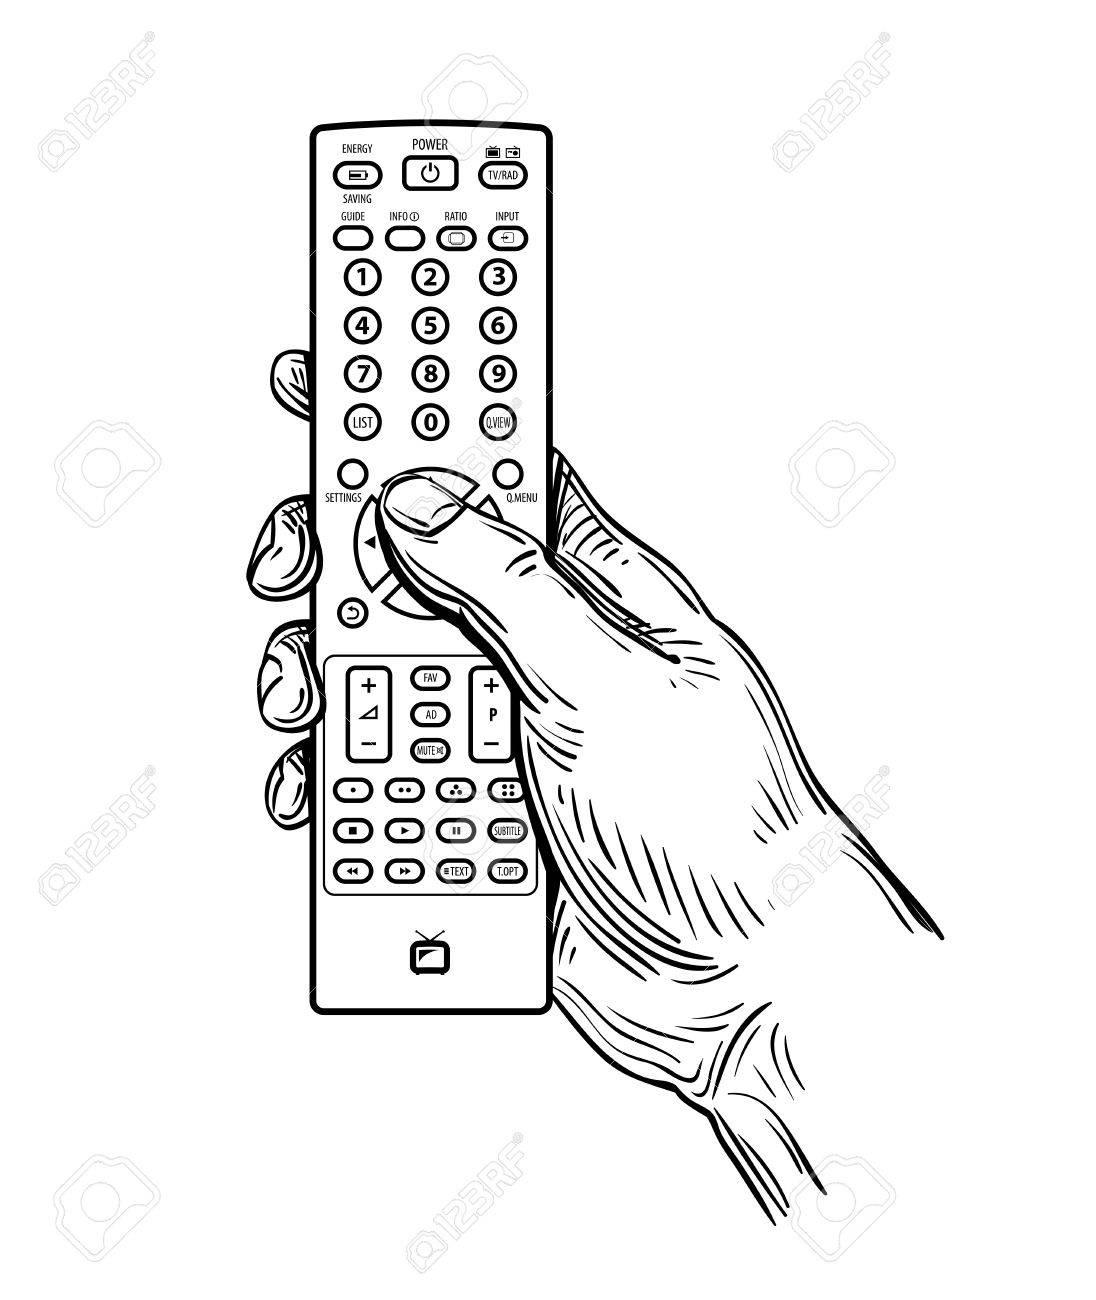 Manual For Insignia Remote Control